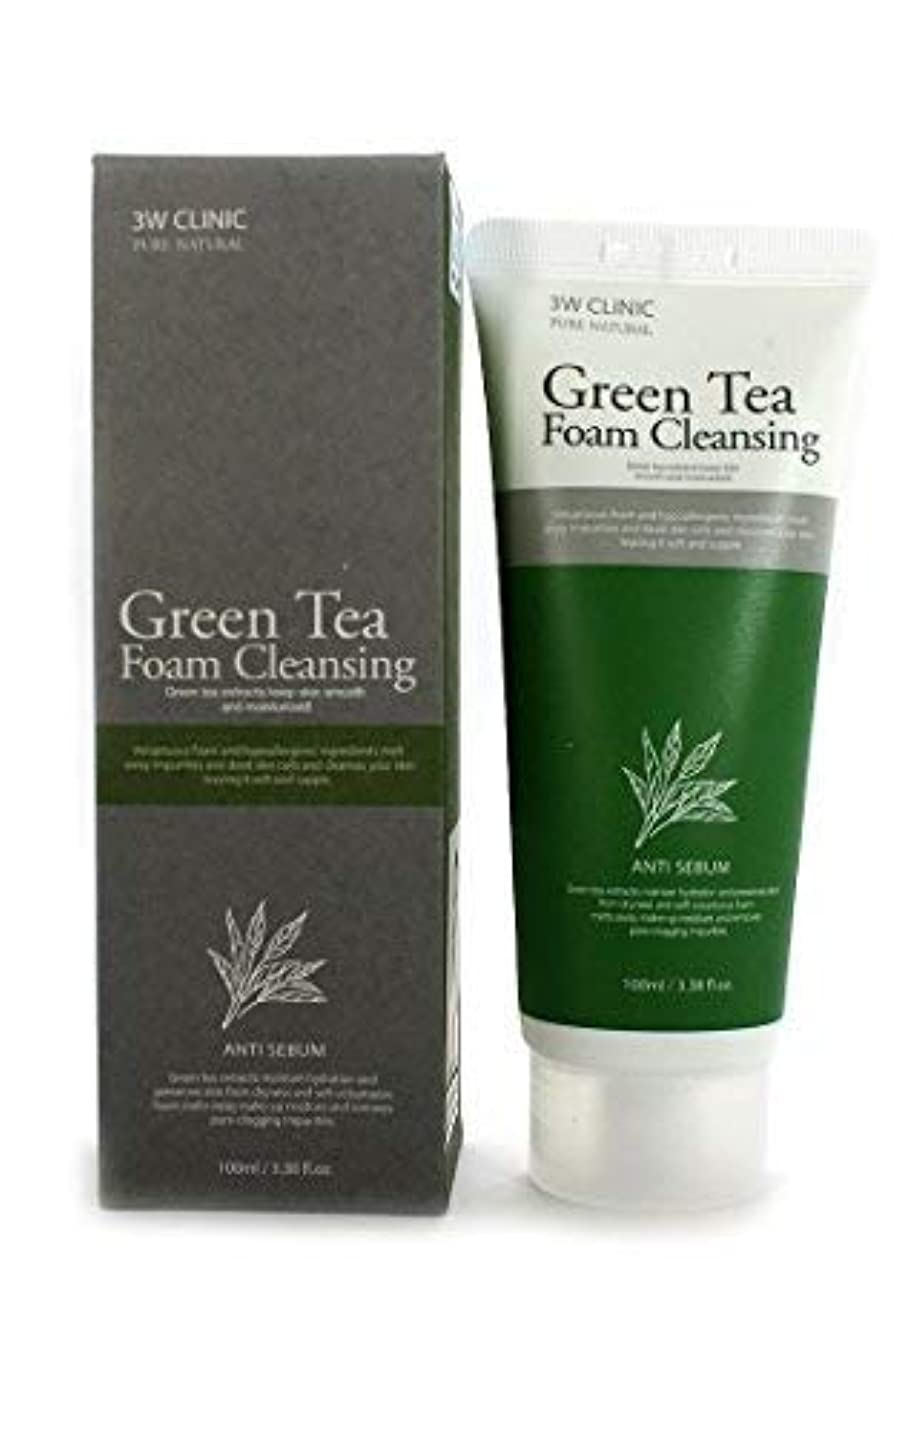 彼女支援出くわすGreen Tea Foam Cleansing クリニック純粋な天然100Ml(3.38Fl。オズ) [並行輸入品]